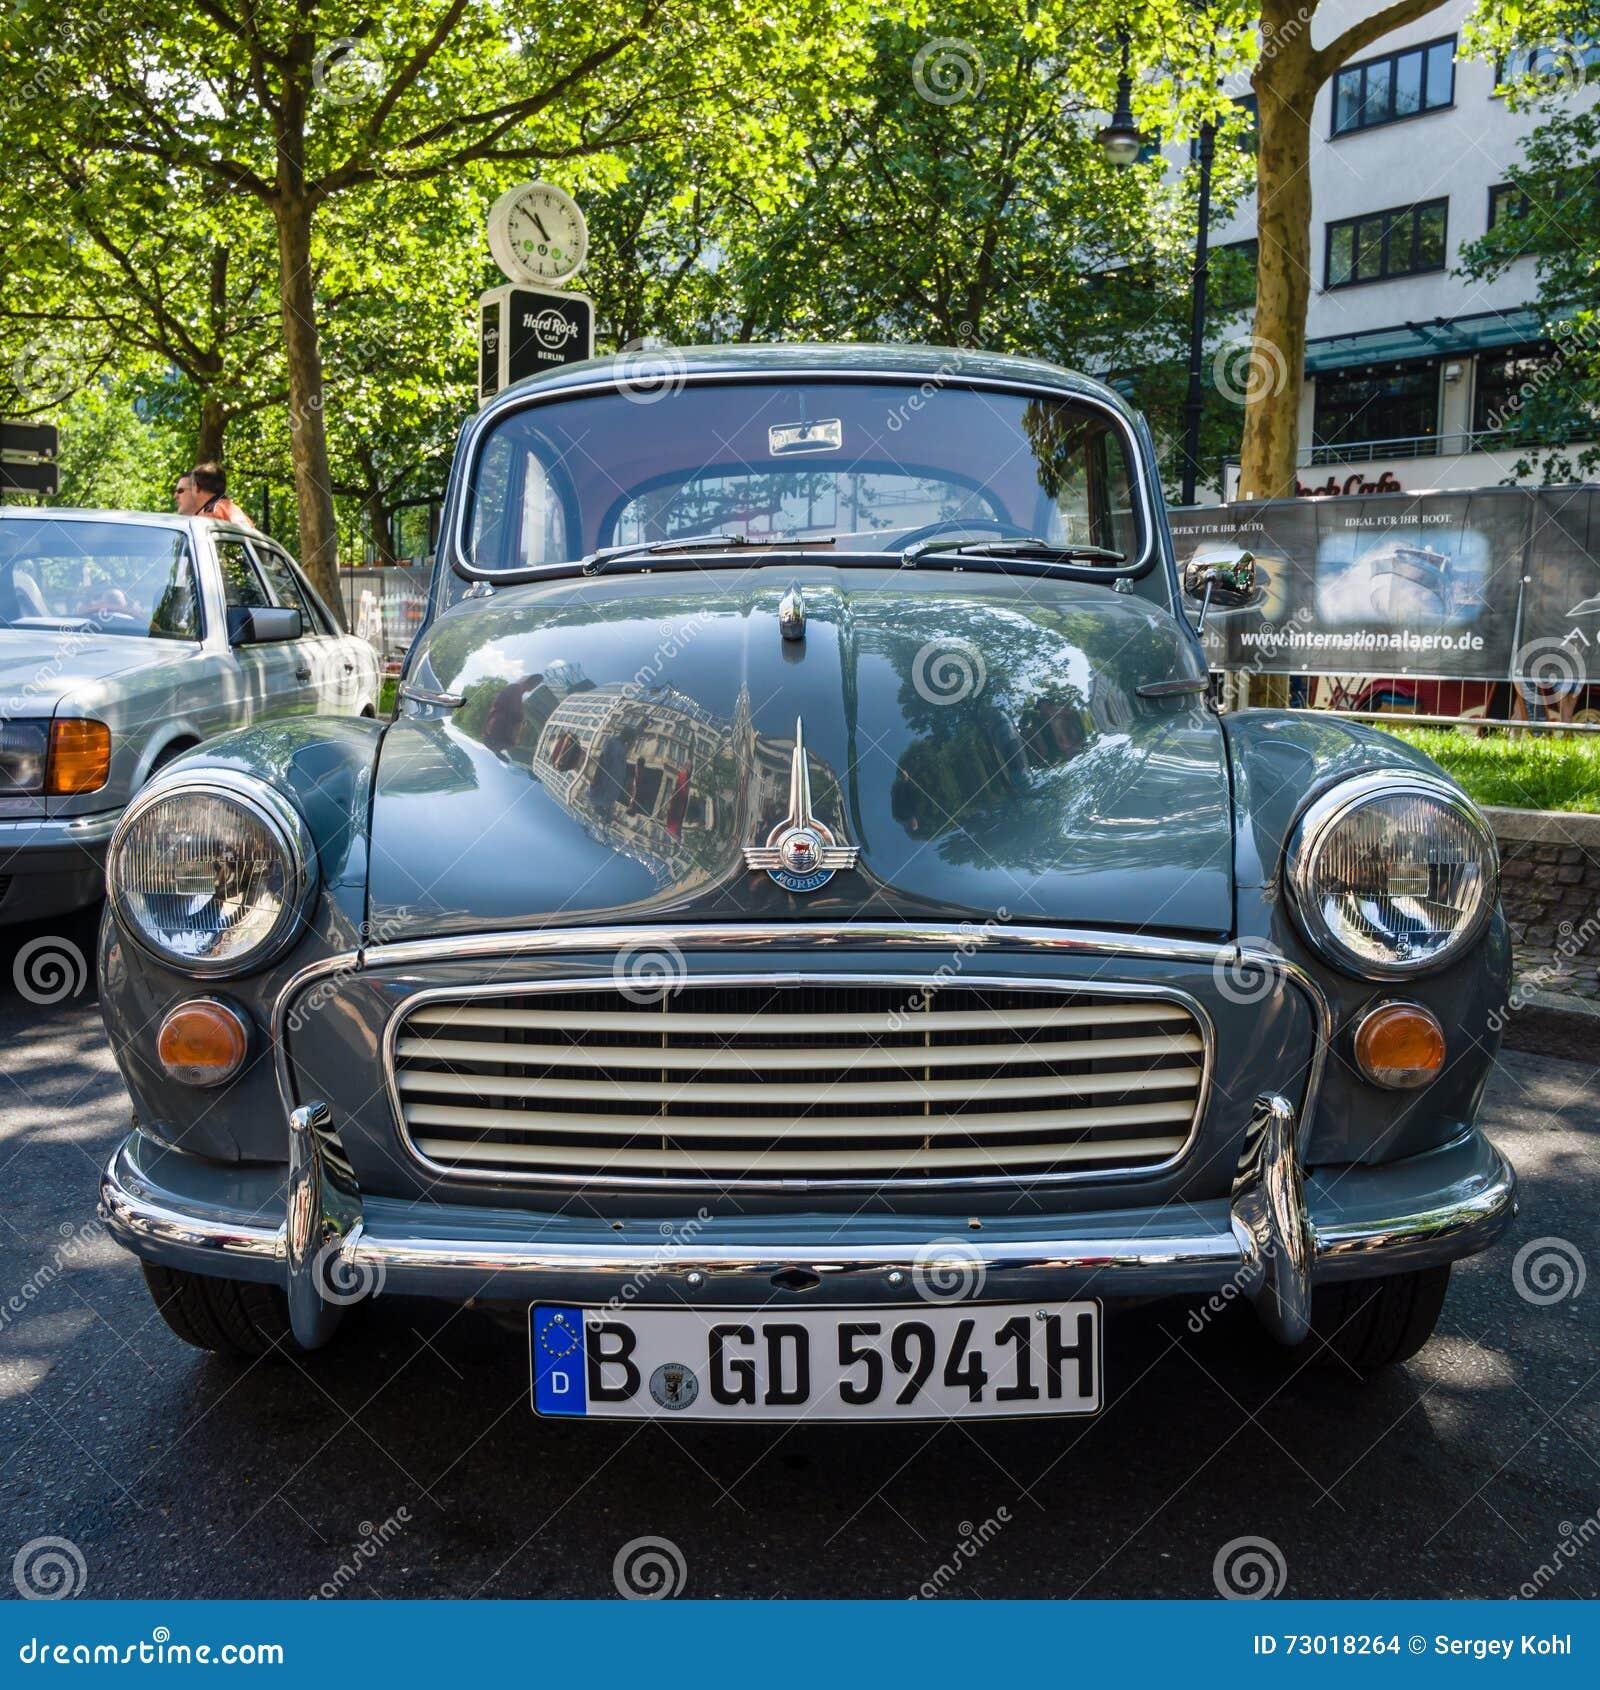 Minor Berlin